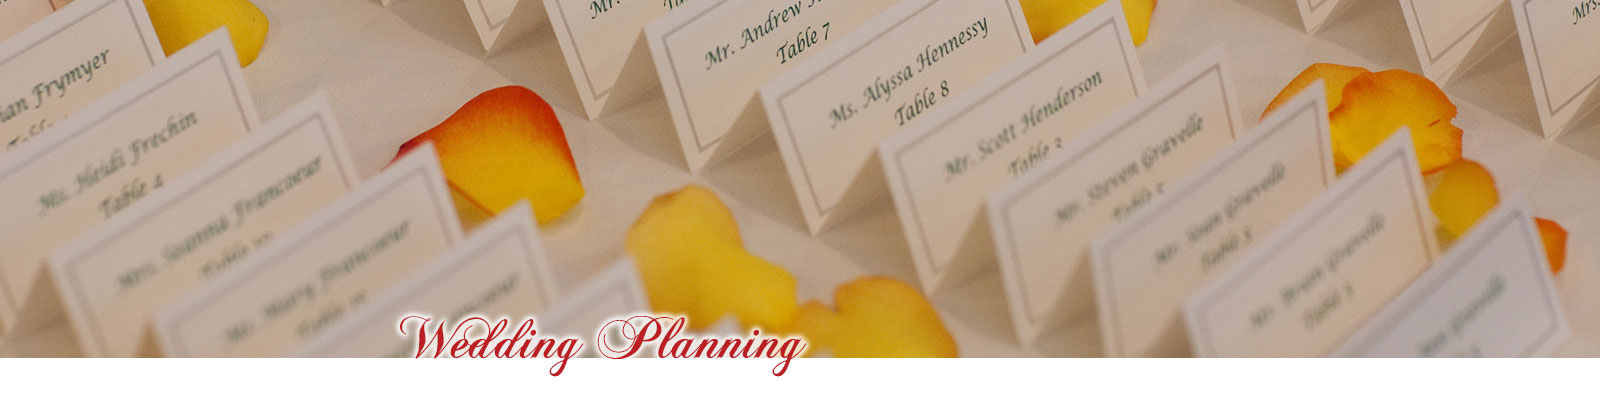 Planning-1600×400